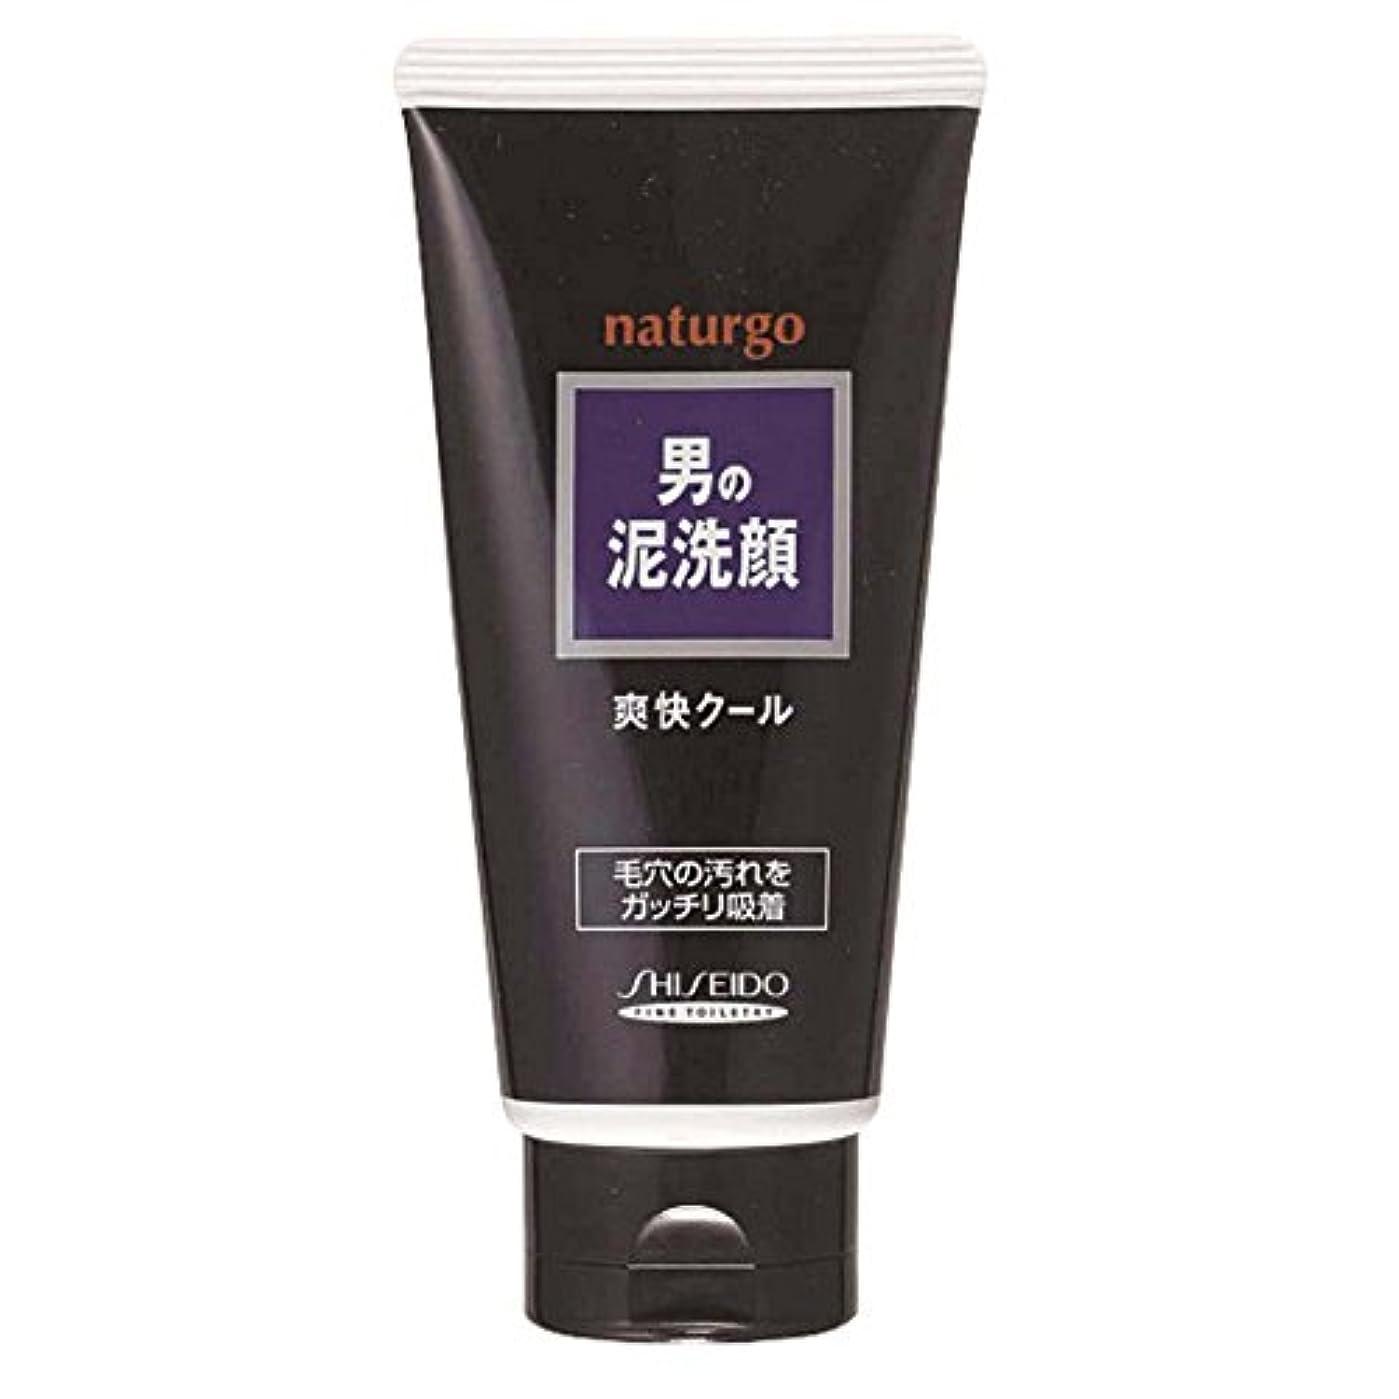 錆び大きさボーナスナチュルゴ メンズクレイ洗顔フォーム黒 130g